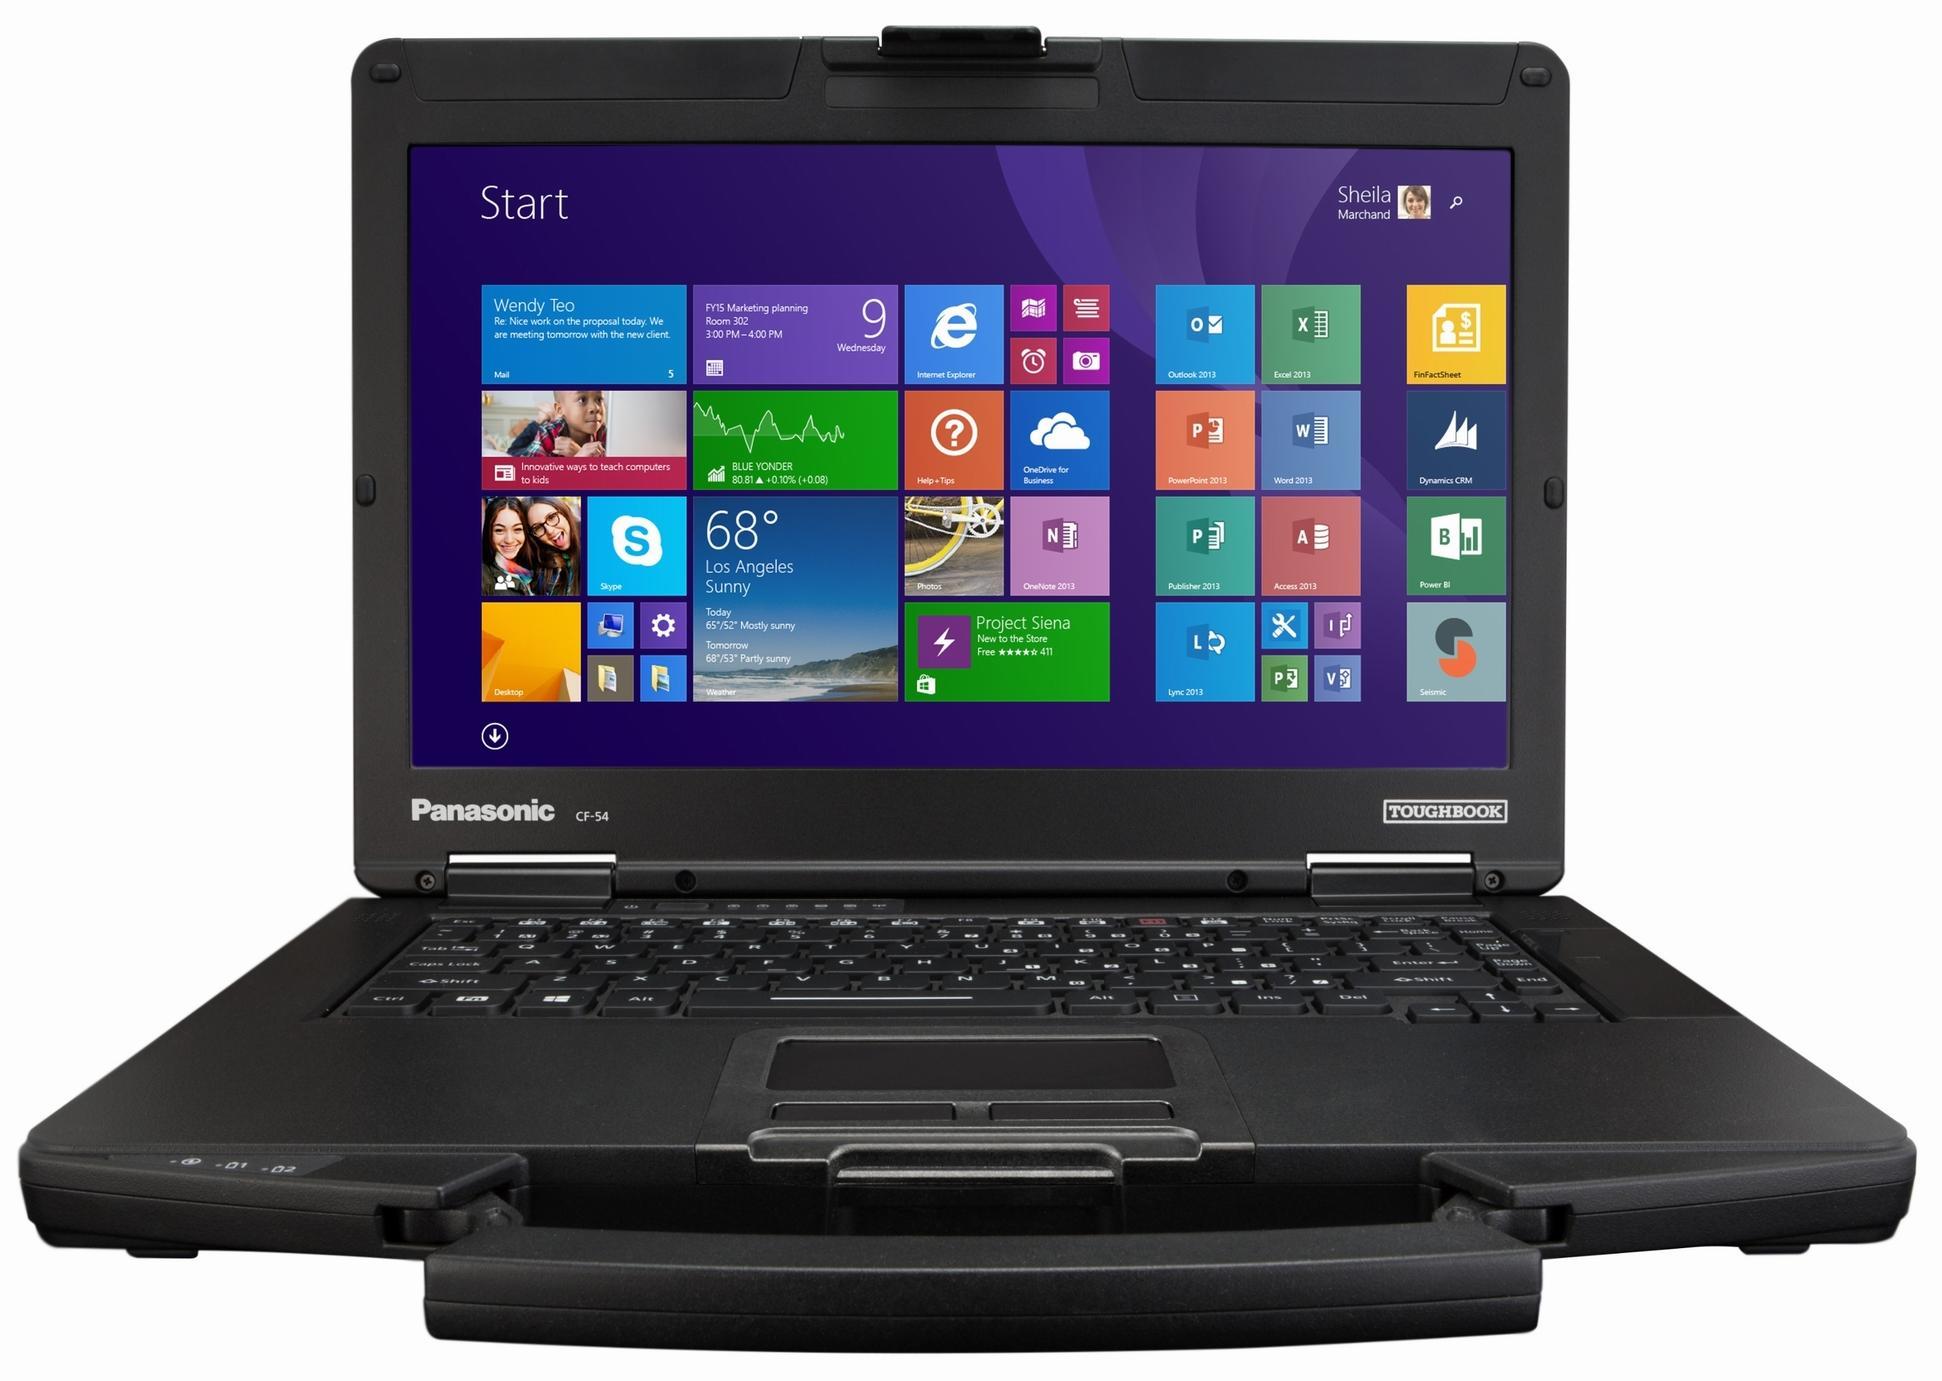 Защищенный ноутбук Panasonic ToughBook CF-54 14 Intel Core i5 5300U 2.3Ghz, 4Gb, 500Gb HDD GPS (CF-54AZ004E9)Ноутбуки для работы и учебы<br>Ноутбук<br>